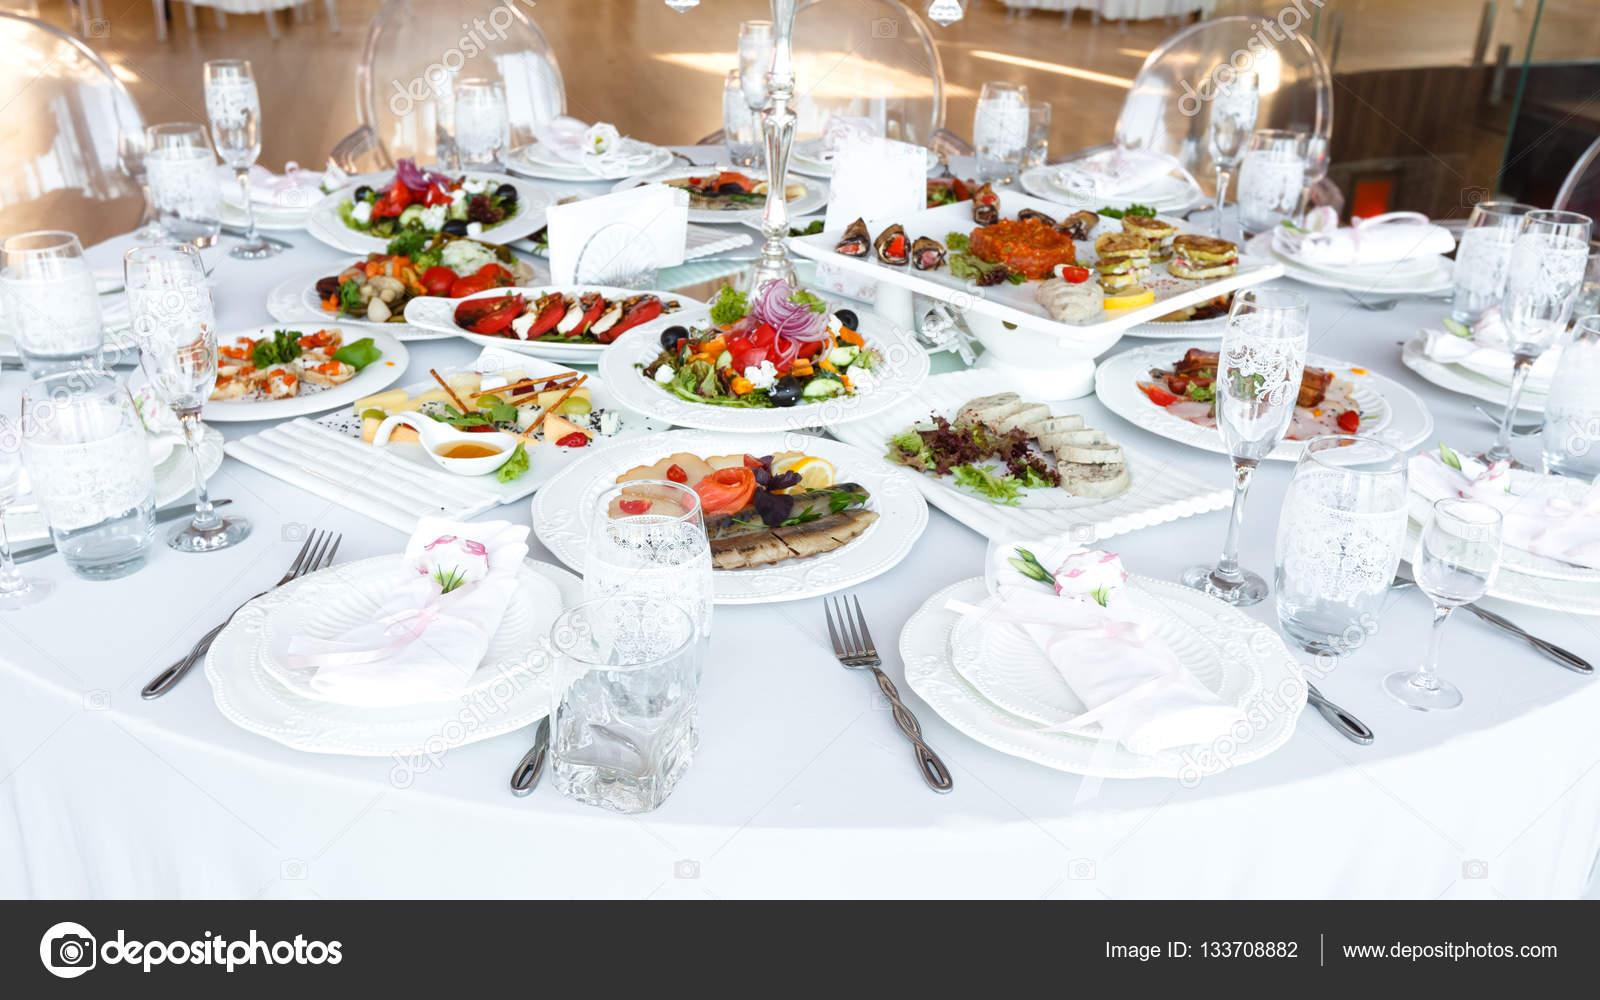 Gedeckten Tisch Mit Essen Und Geschirr Bei Hochzeitsfeier